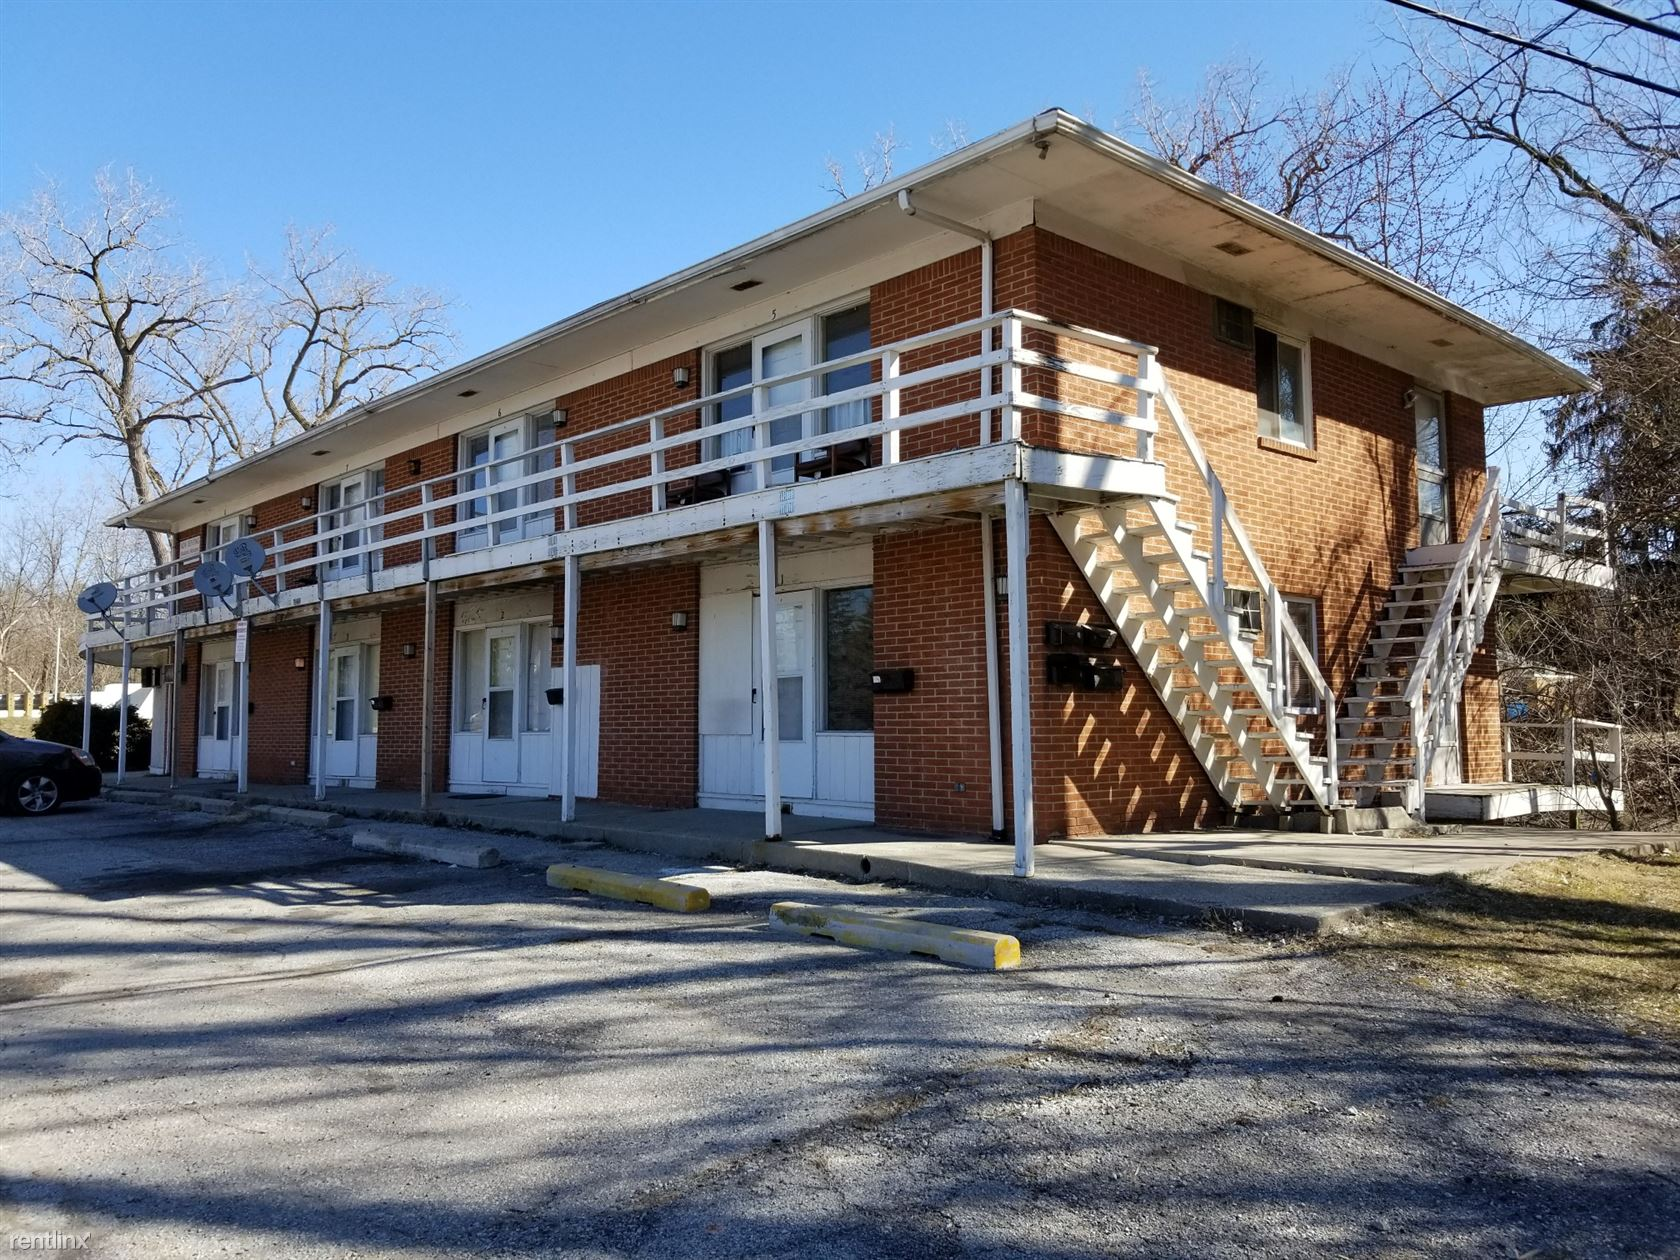 2565 W Bancroft St, Toledo, OH - $420